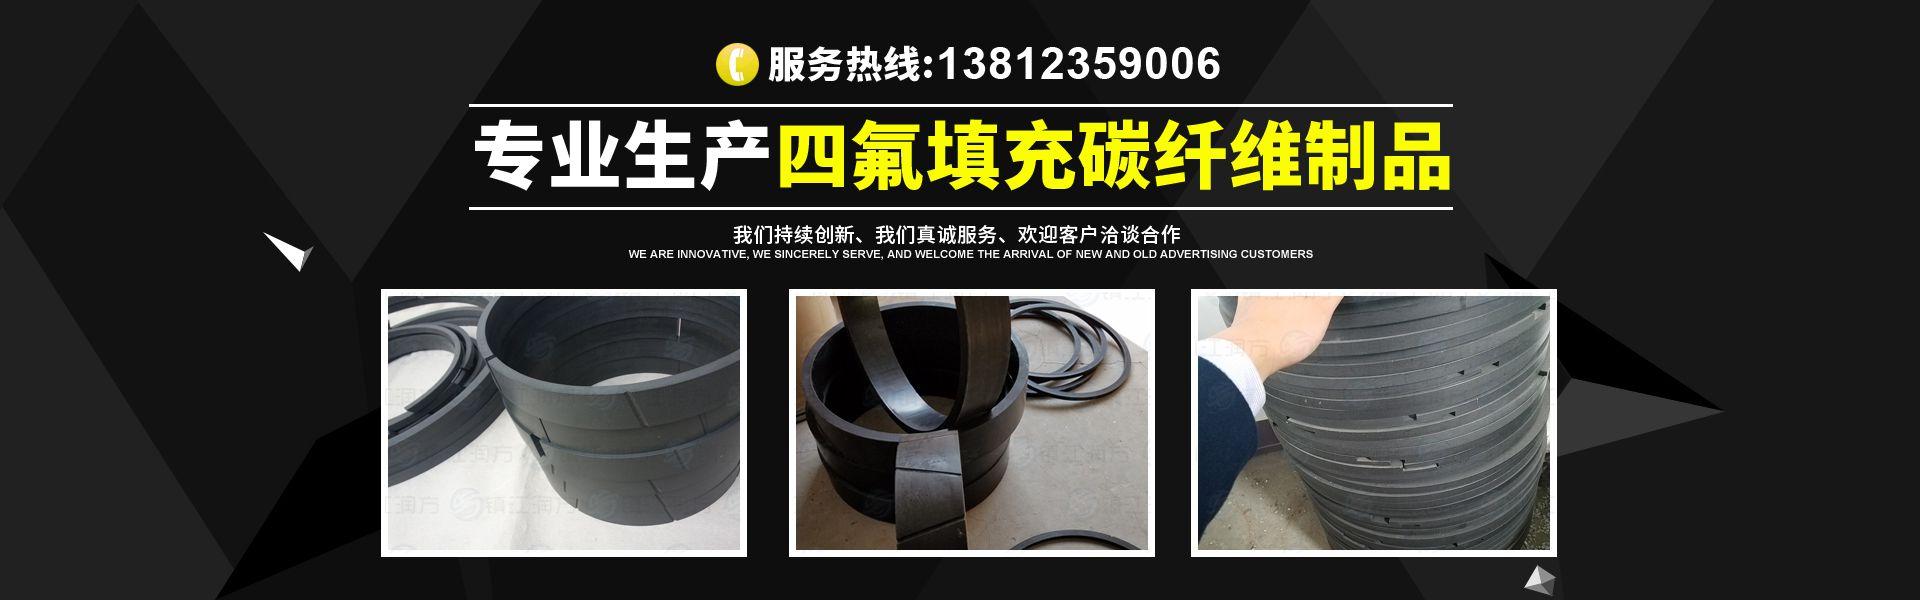 镇江同德塑料制品有限公司